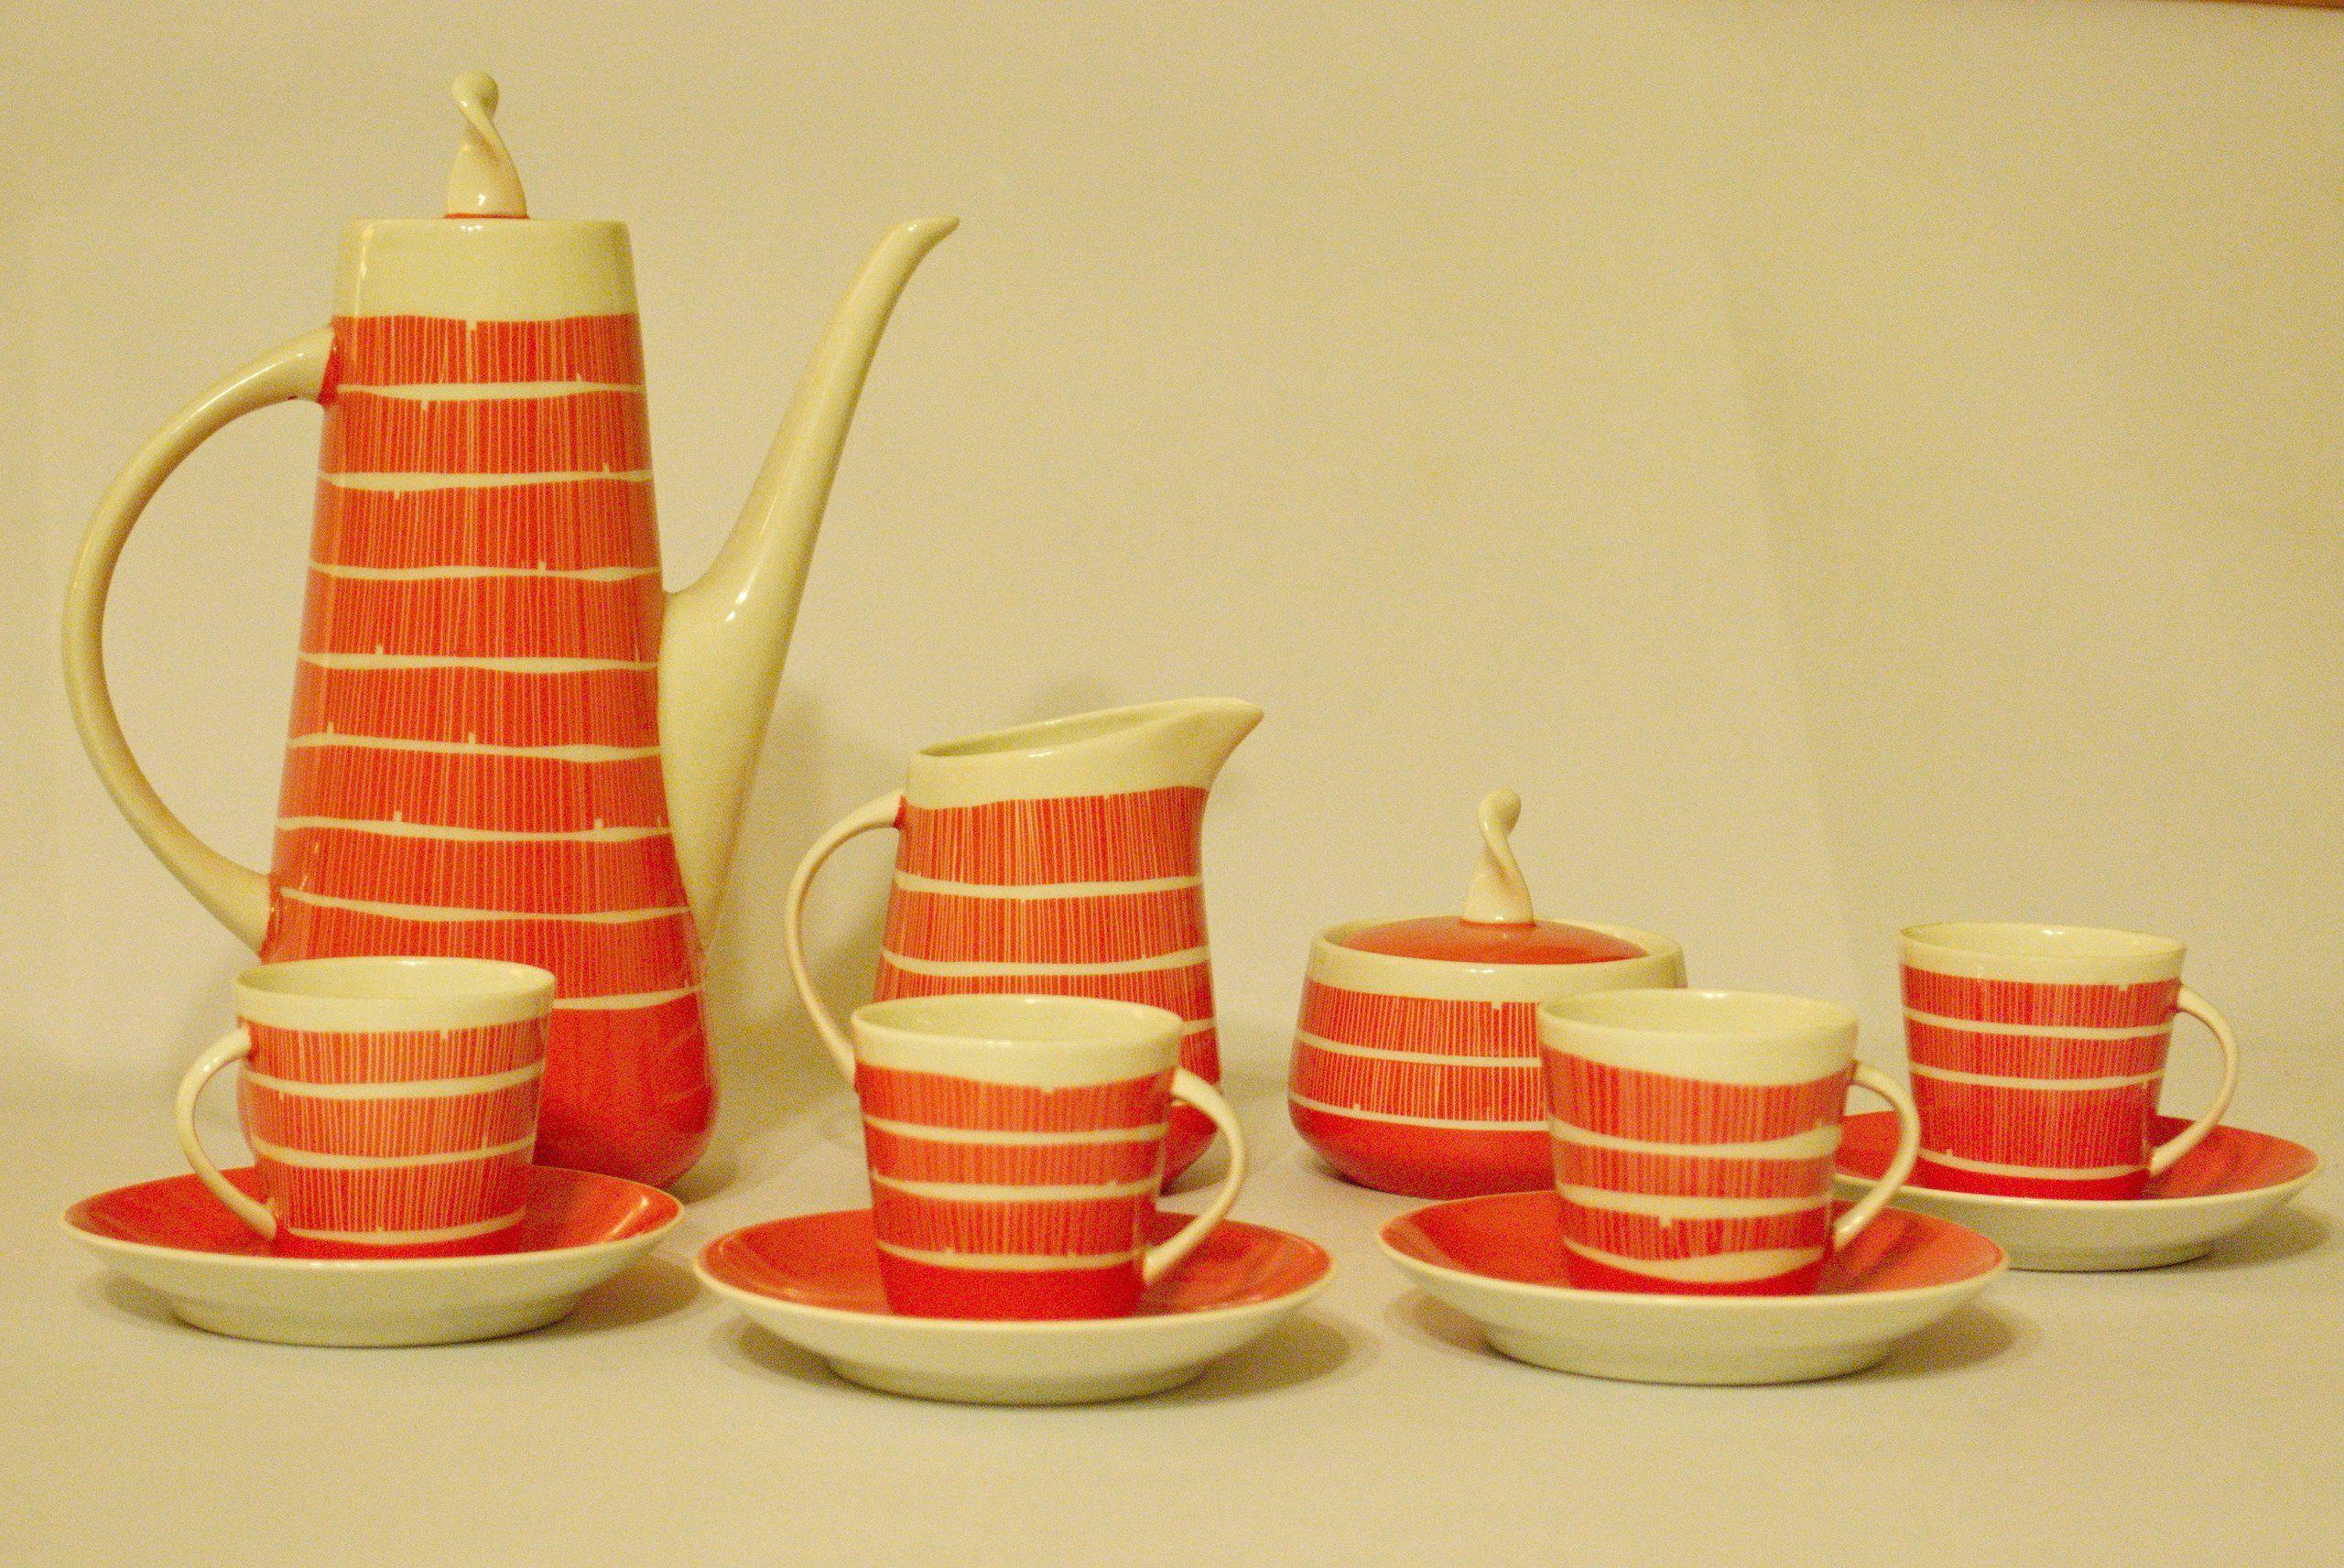 Unikat Serwis Picasso Prometeusz Lata 60te Od1 Zl 6638670373 Oficjalne Archiwum Allegro Porcelain Ceramics Coffee Set Mid Century Kitchen